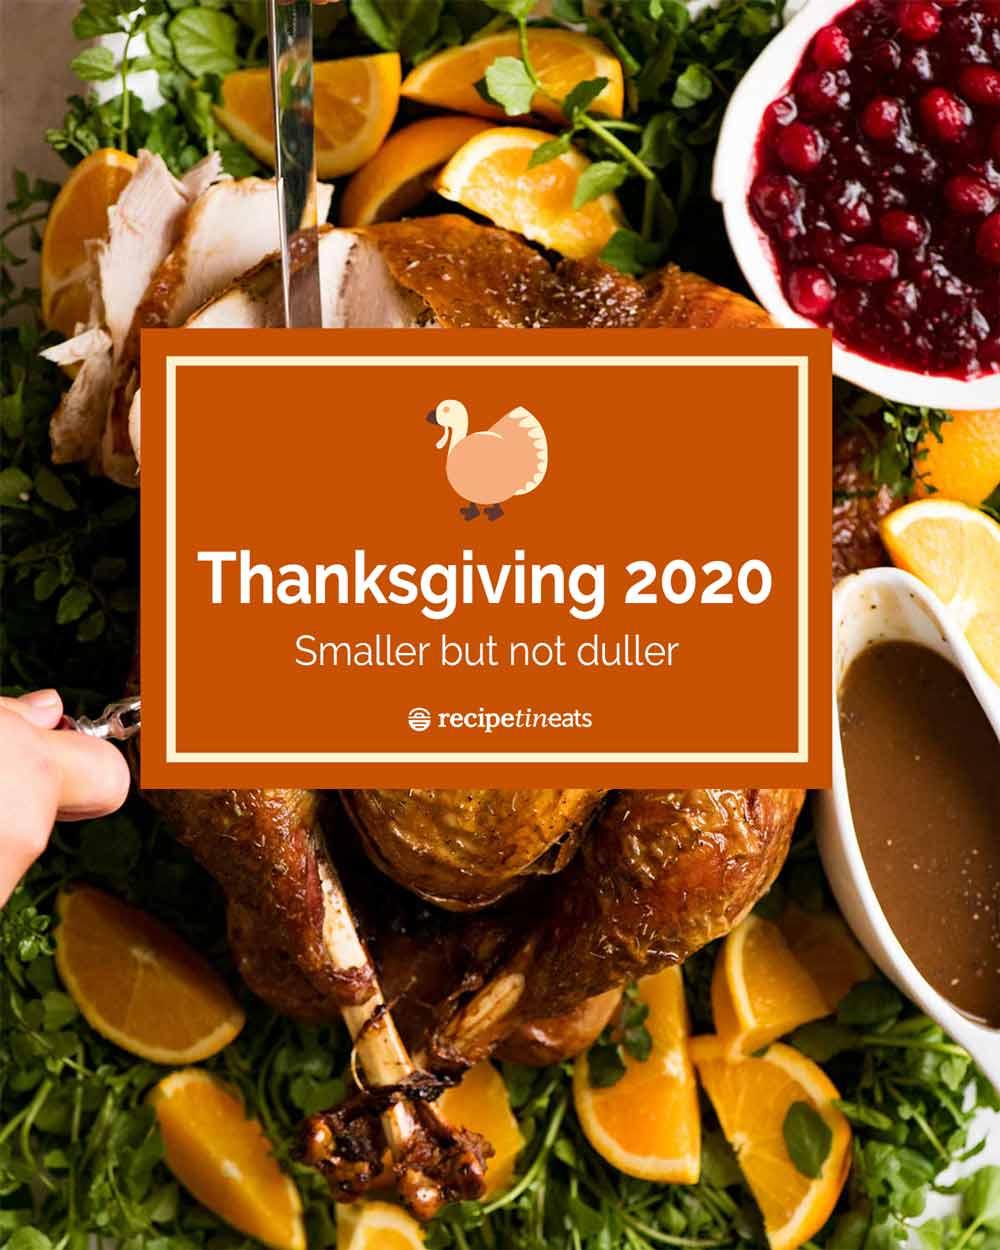 Thanksgiving 2020 – smaller but not duller